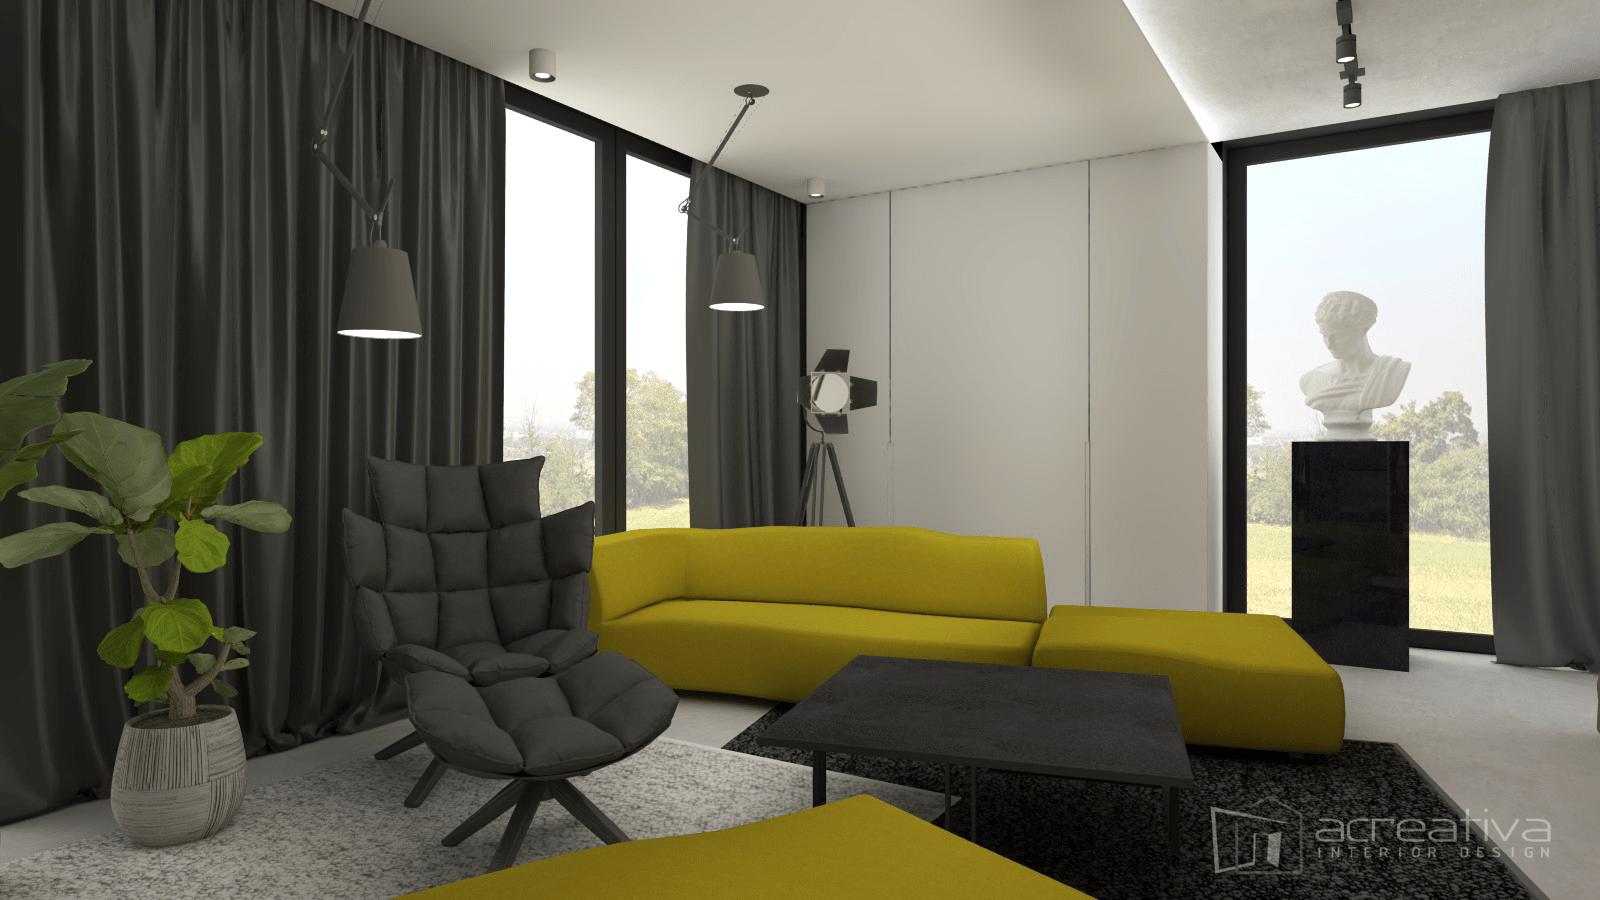 salon_nowoczesny_industrialny_projekt_wnetrz_architekt_online_acreativa.pl_torun_6